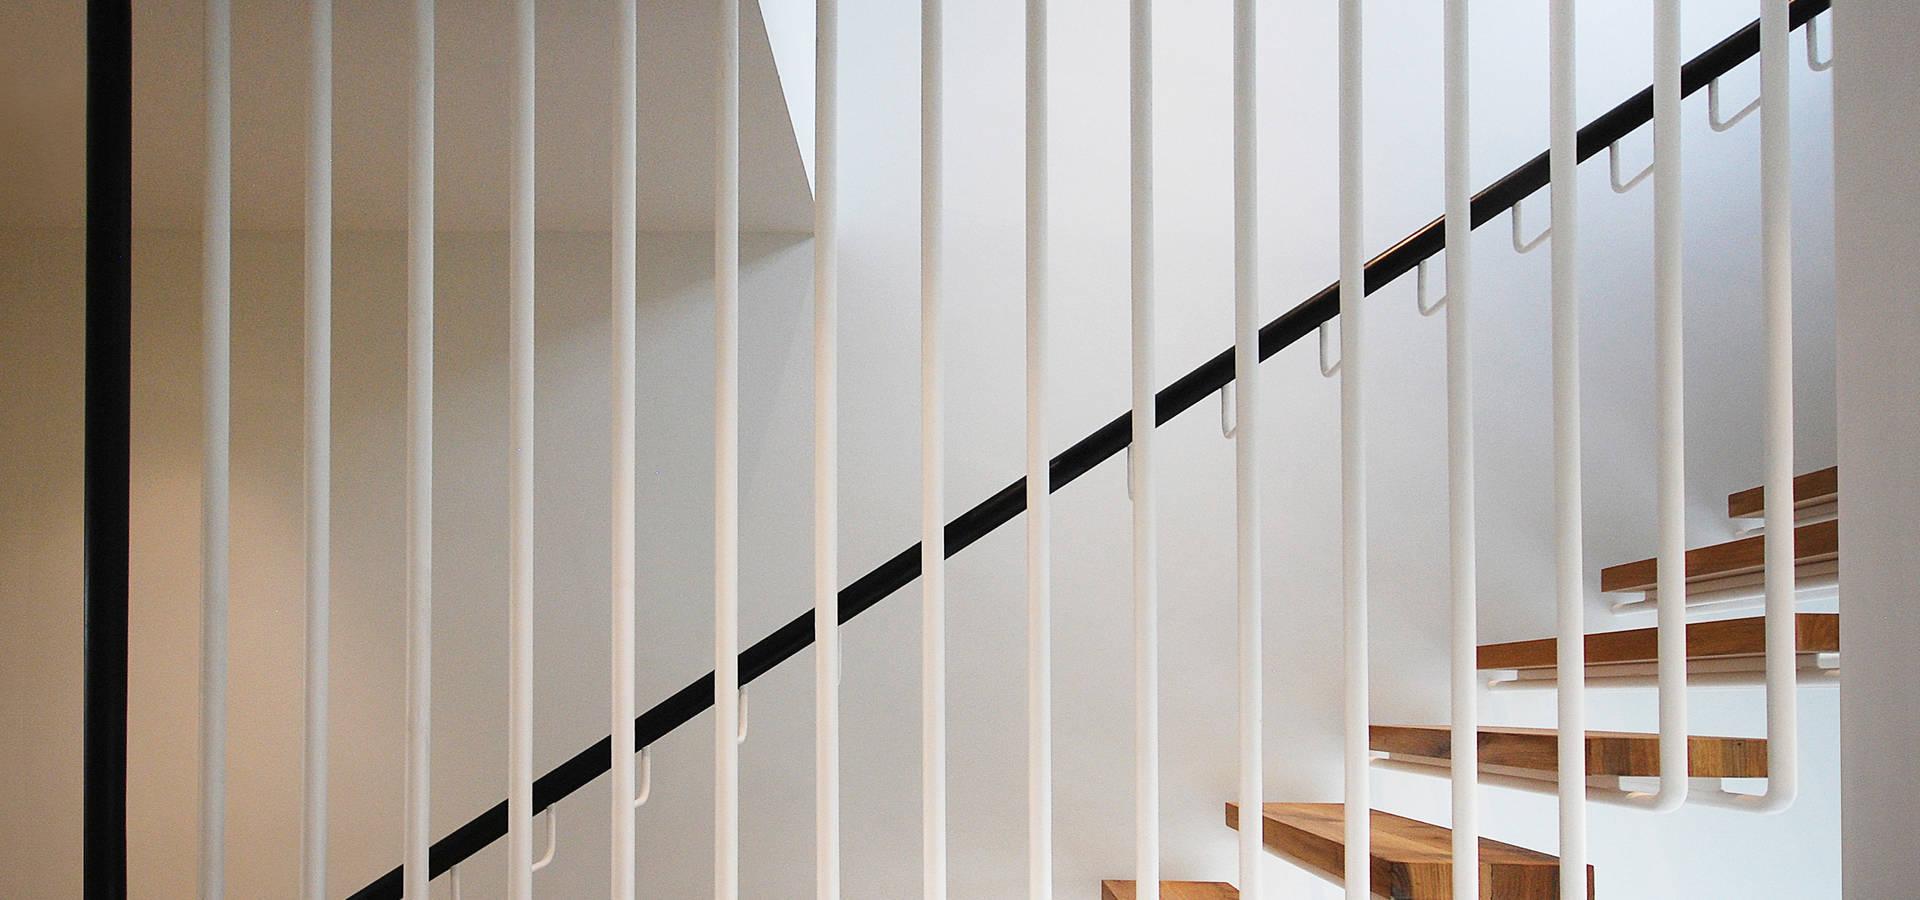 Guttfield Architecture